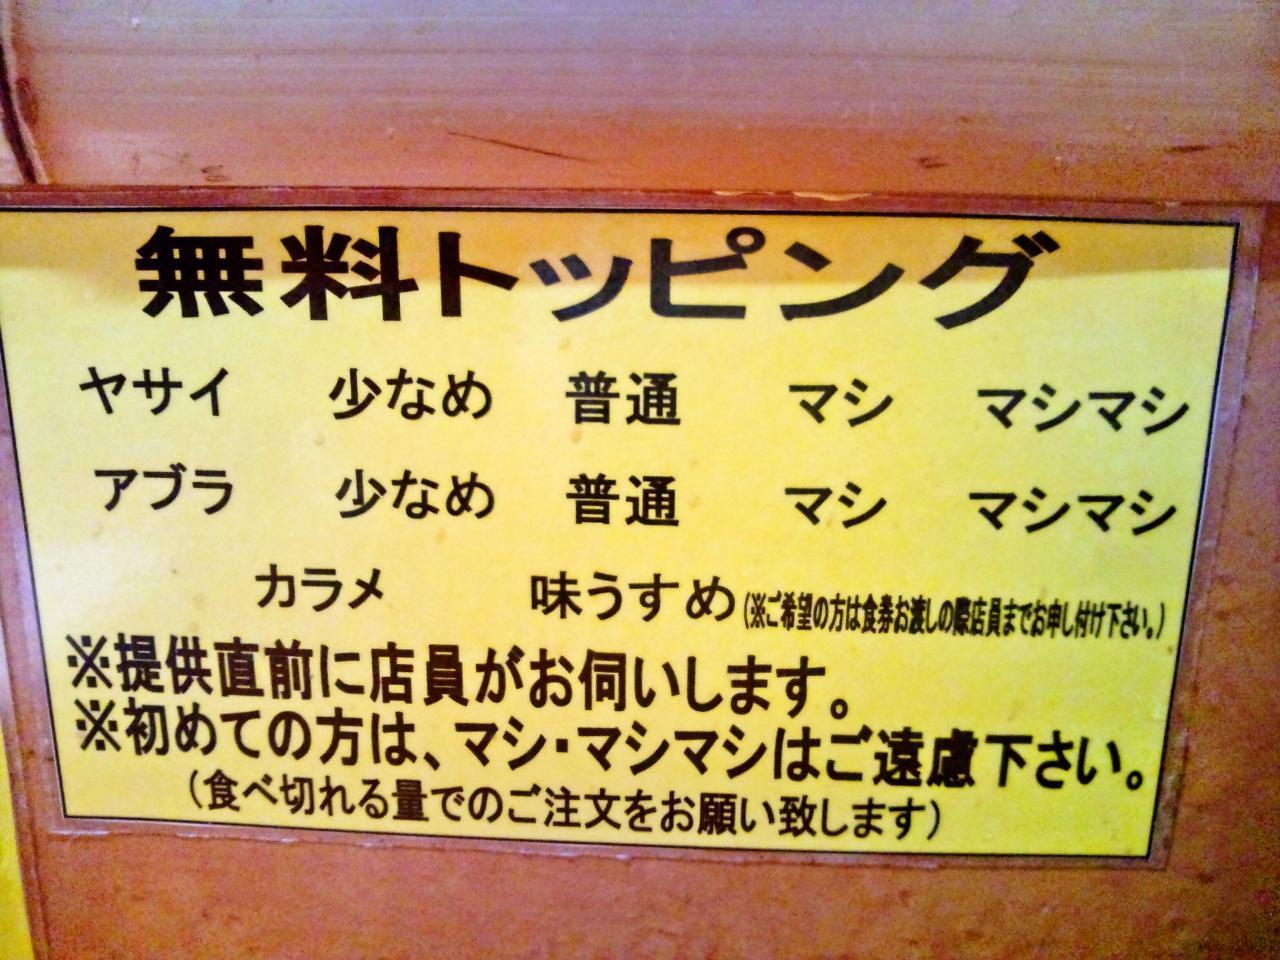 立川マシマシ ロイヤルスープ(メニュー)